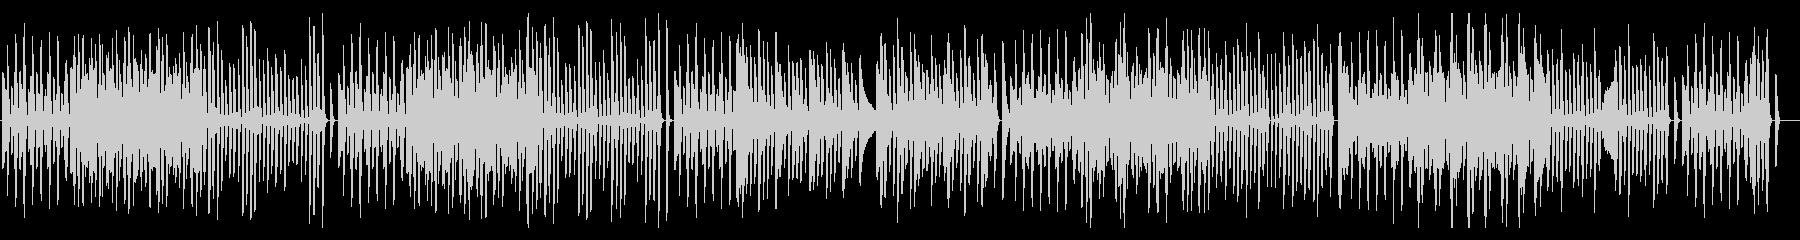 軽快でかわいいシンプルなピアノ曲の未再生の波形